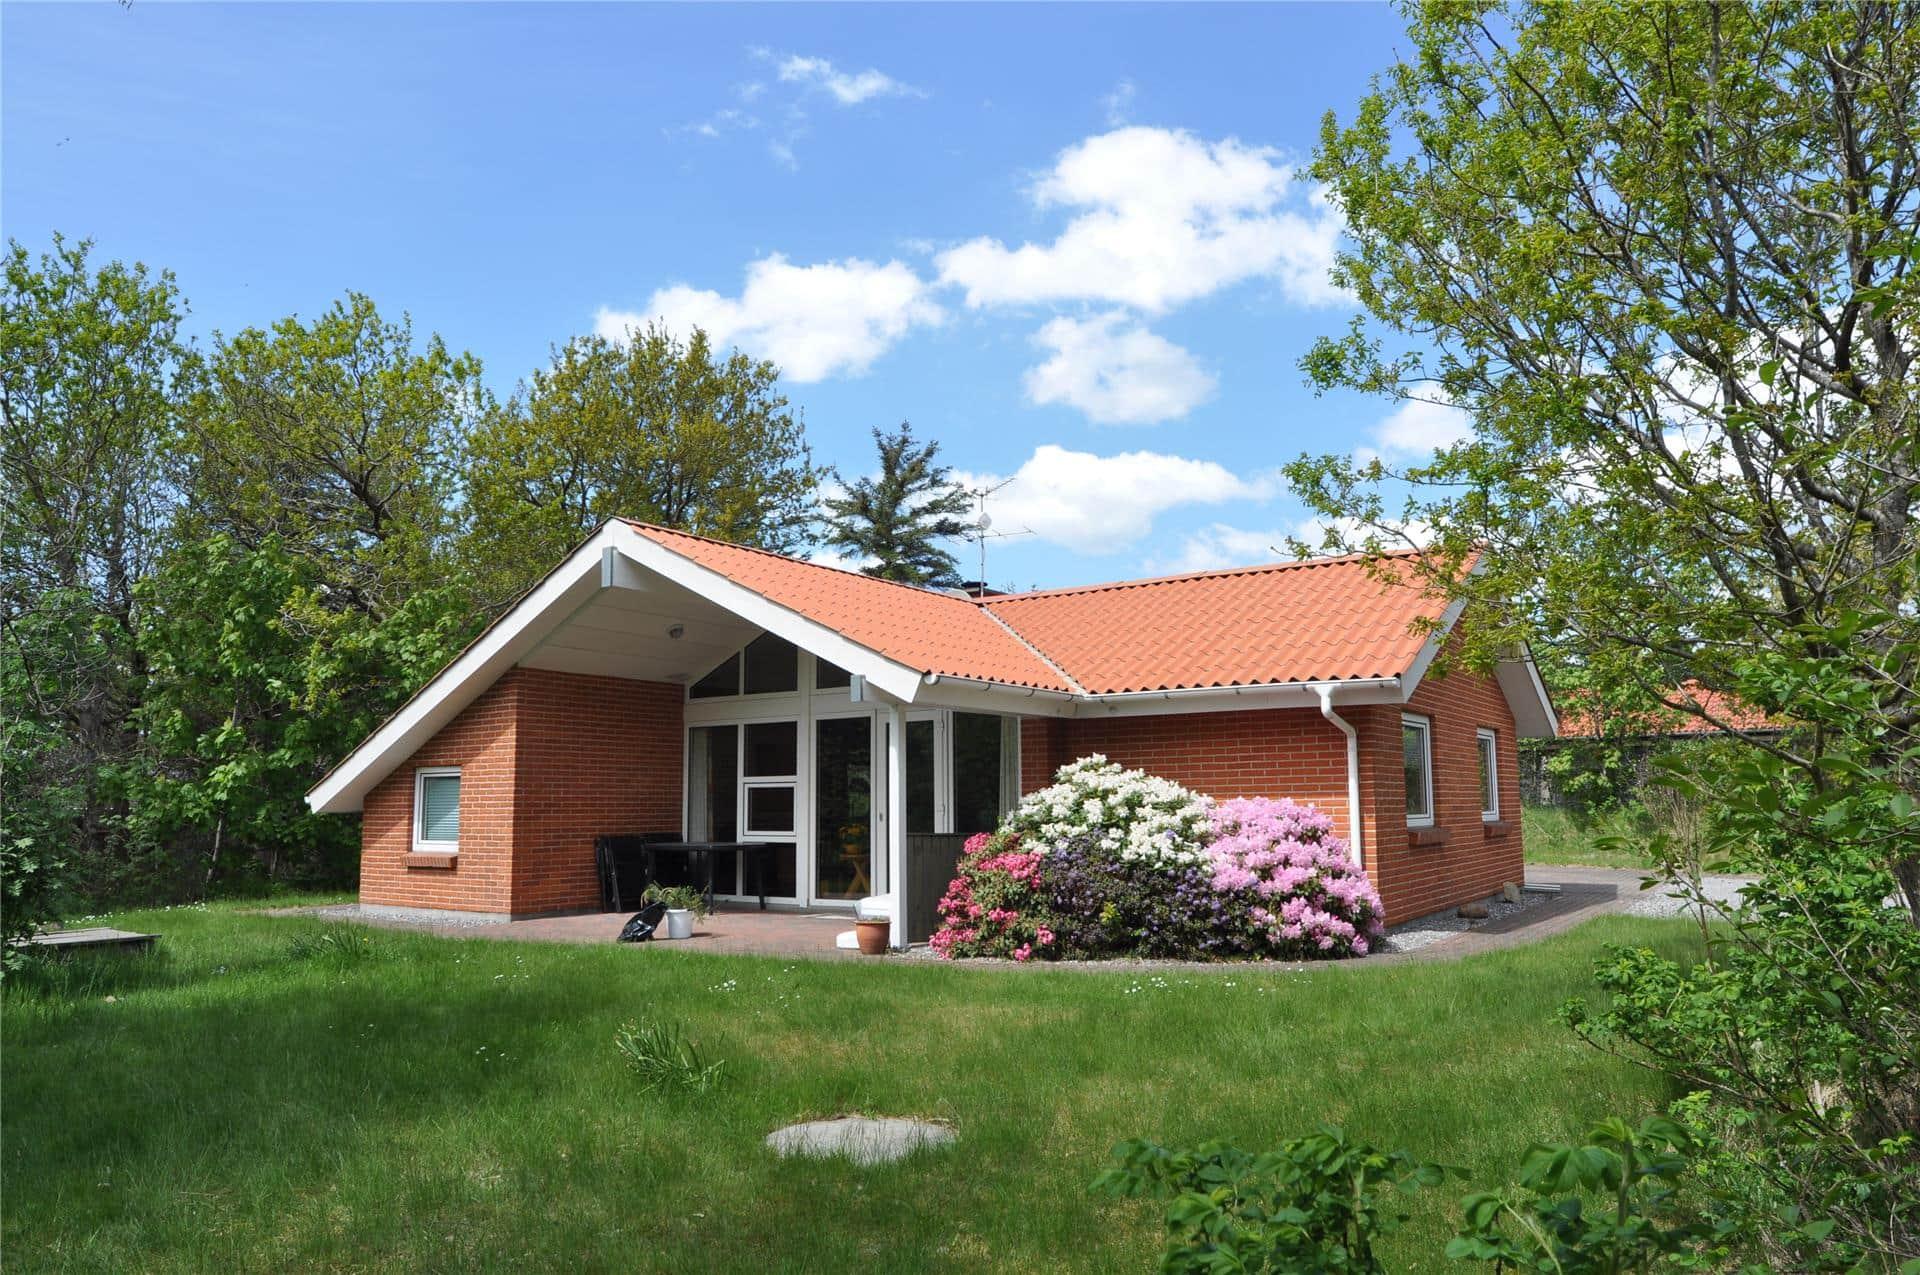 Billede 1-175 Sommerhus 40810, Hagevej 116, DK - 6990 Ulfborg